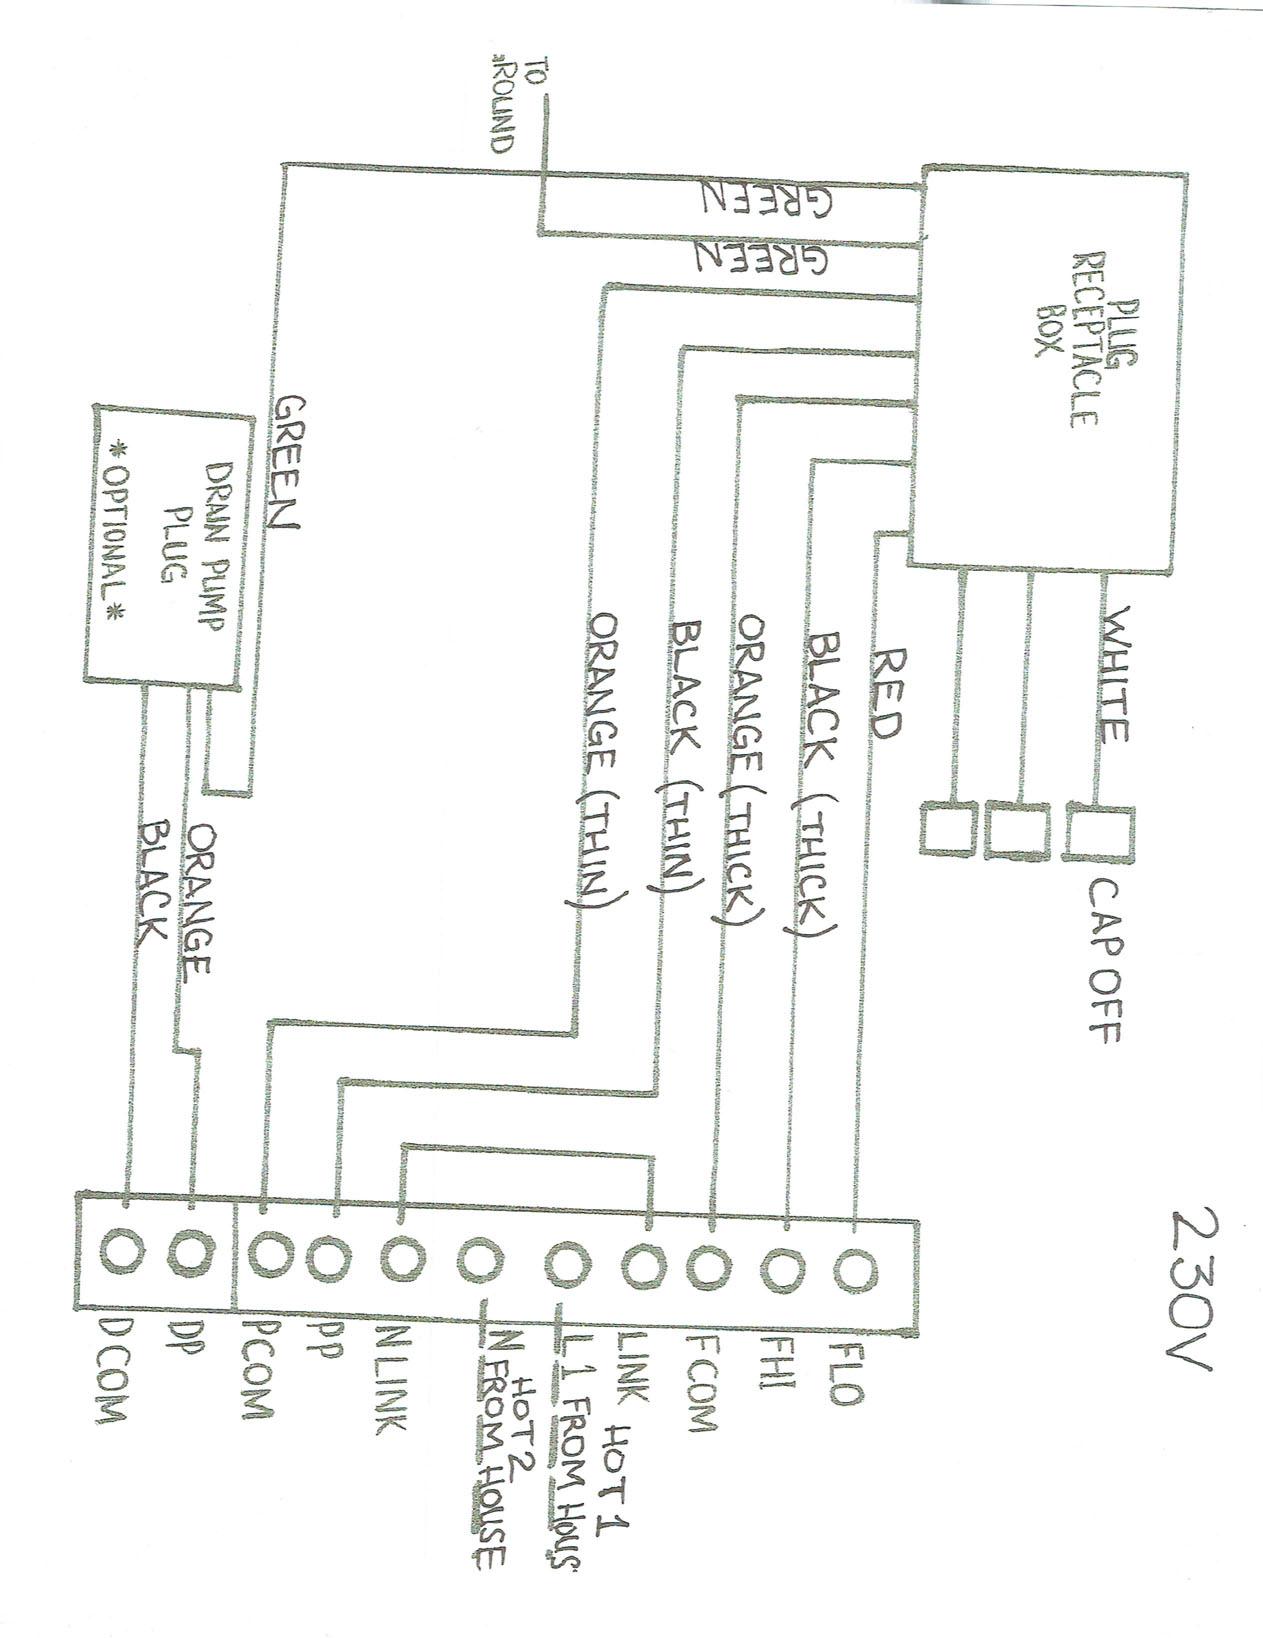 mastercool motor wiring diagram